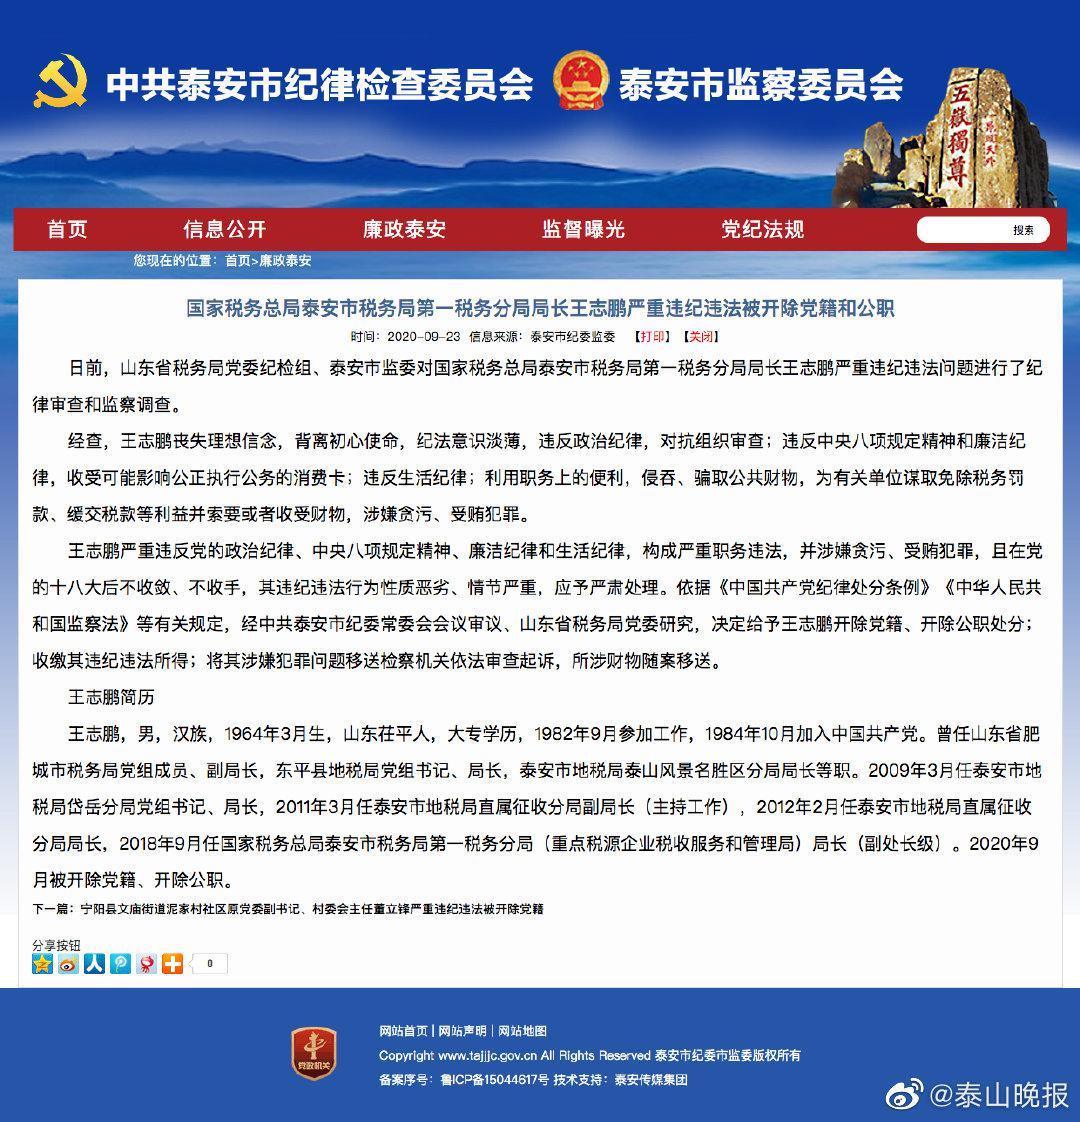 国家税务总局泰安市税务局第一税务分局局长王志鹏严重违纪违法被